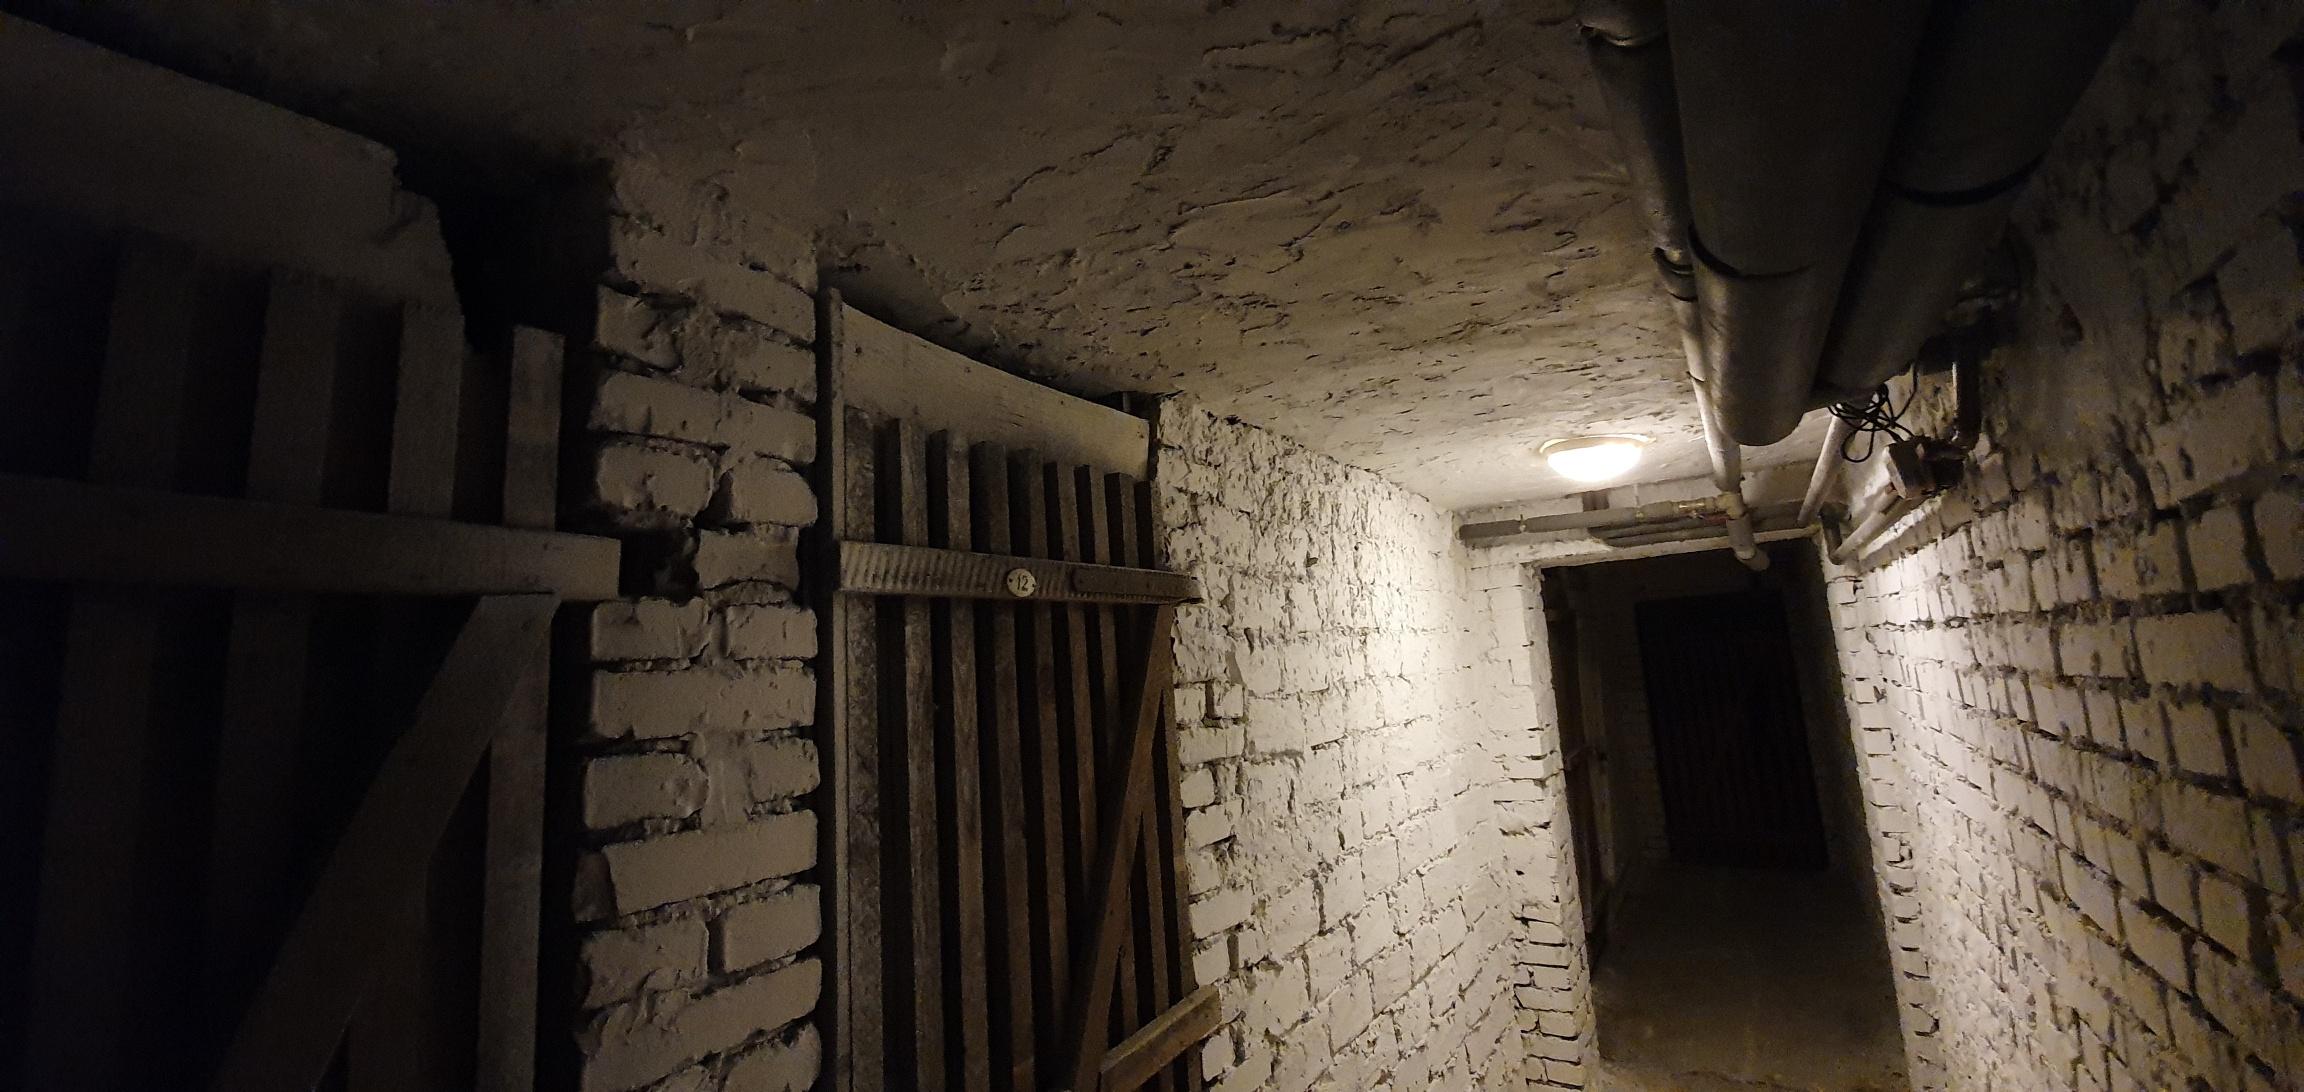 Seria włamań do piwnic na terenie Andrychowa